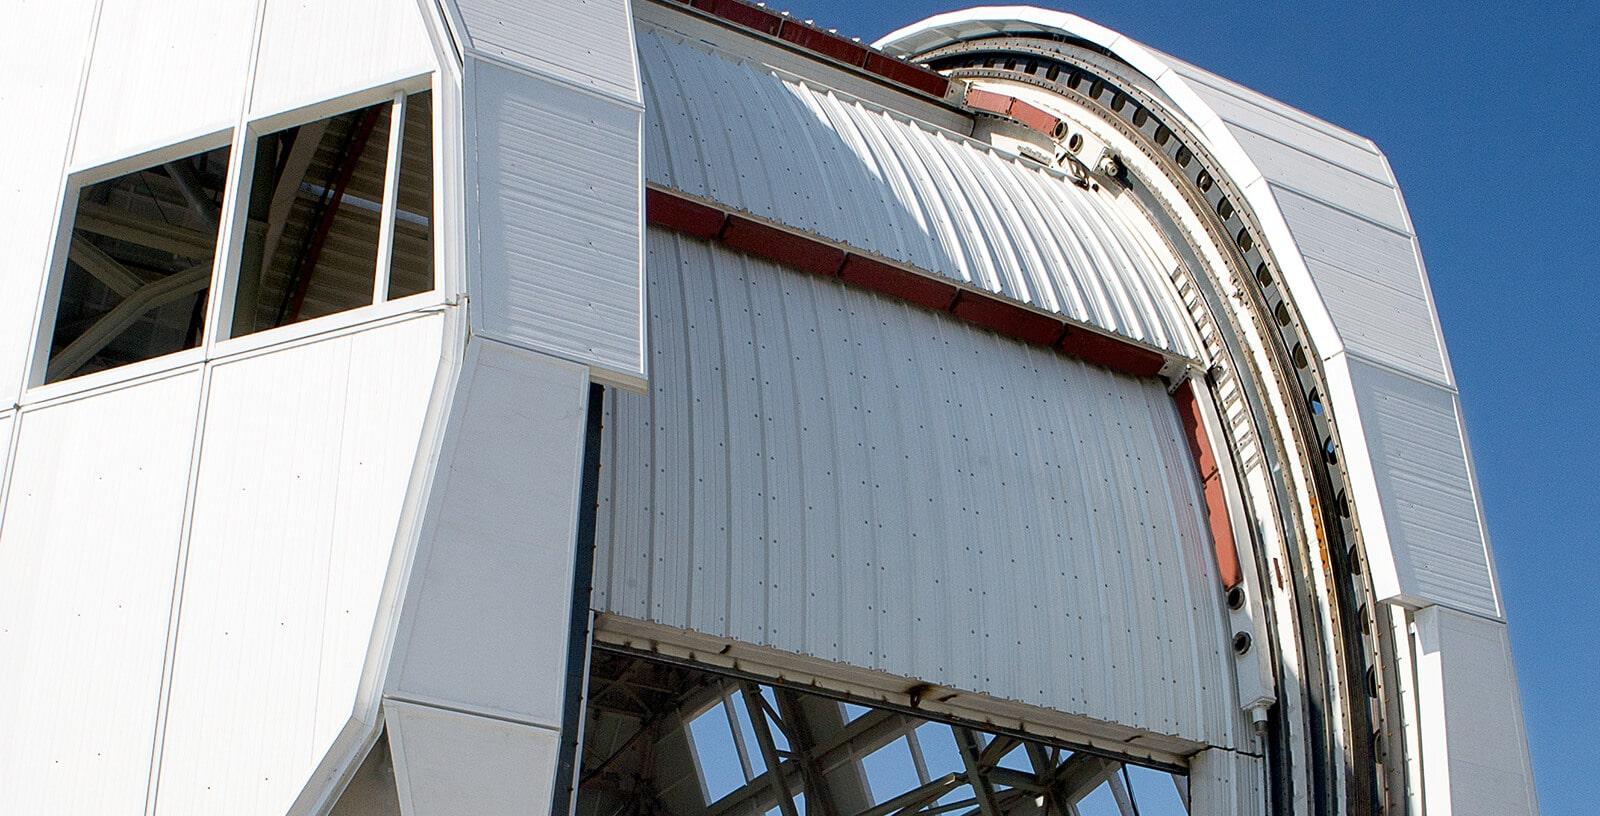 Crawler_DKIST_ATST_Solar_Telescope_Mechanism_Hawaii_USA_ADA_Idom__3_